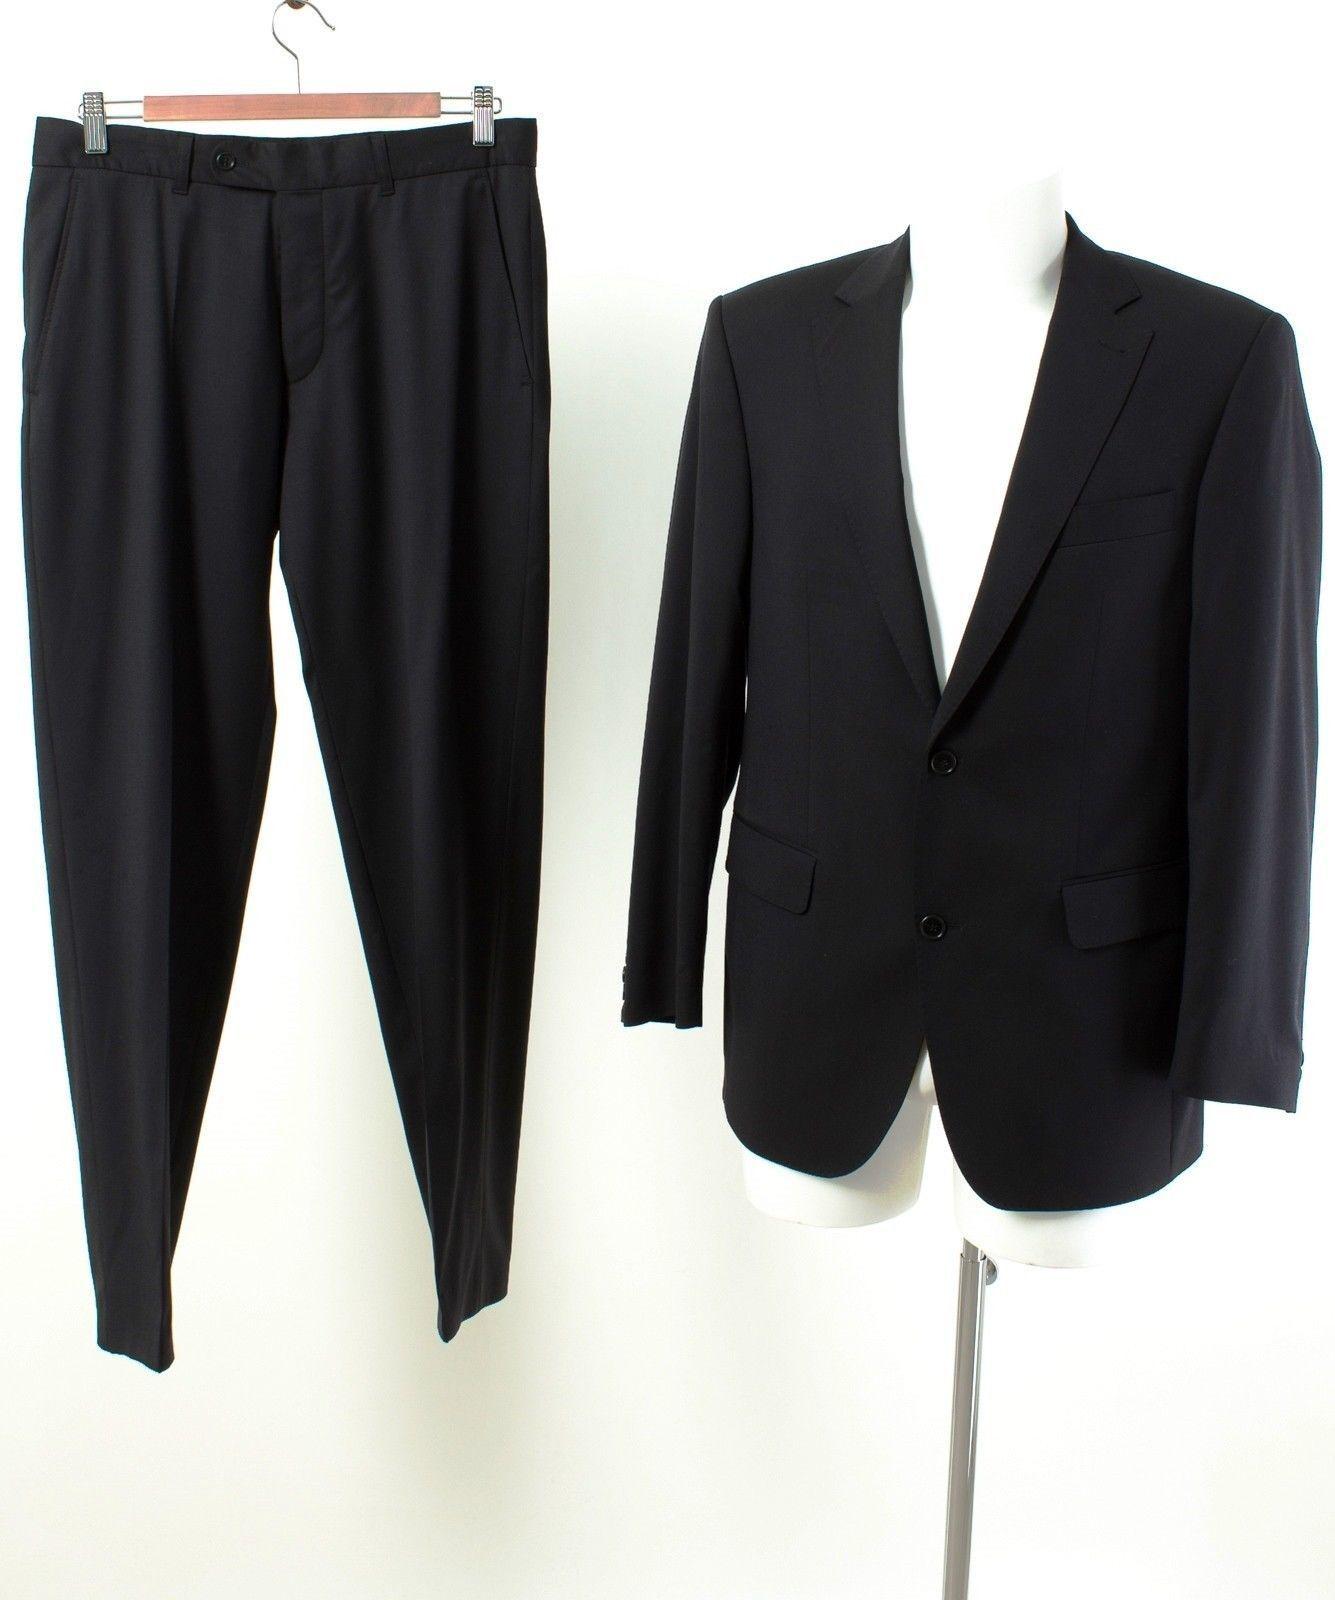 CARL GROSS BY CERRUTI 1881 Anzug WIE NEU  Gr.46-48 Wolle Business Suit    Viele Stile    Um Eine Hohe Bewunderung Gewinnen Und Ist Weit Verbreitet Trusted In-und     Spaß